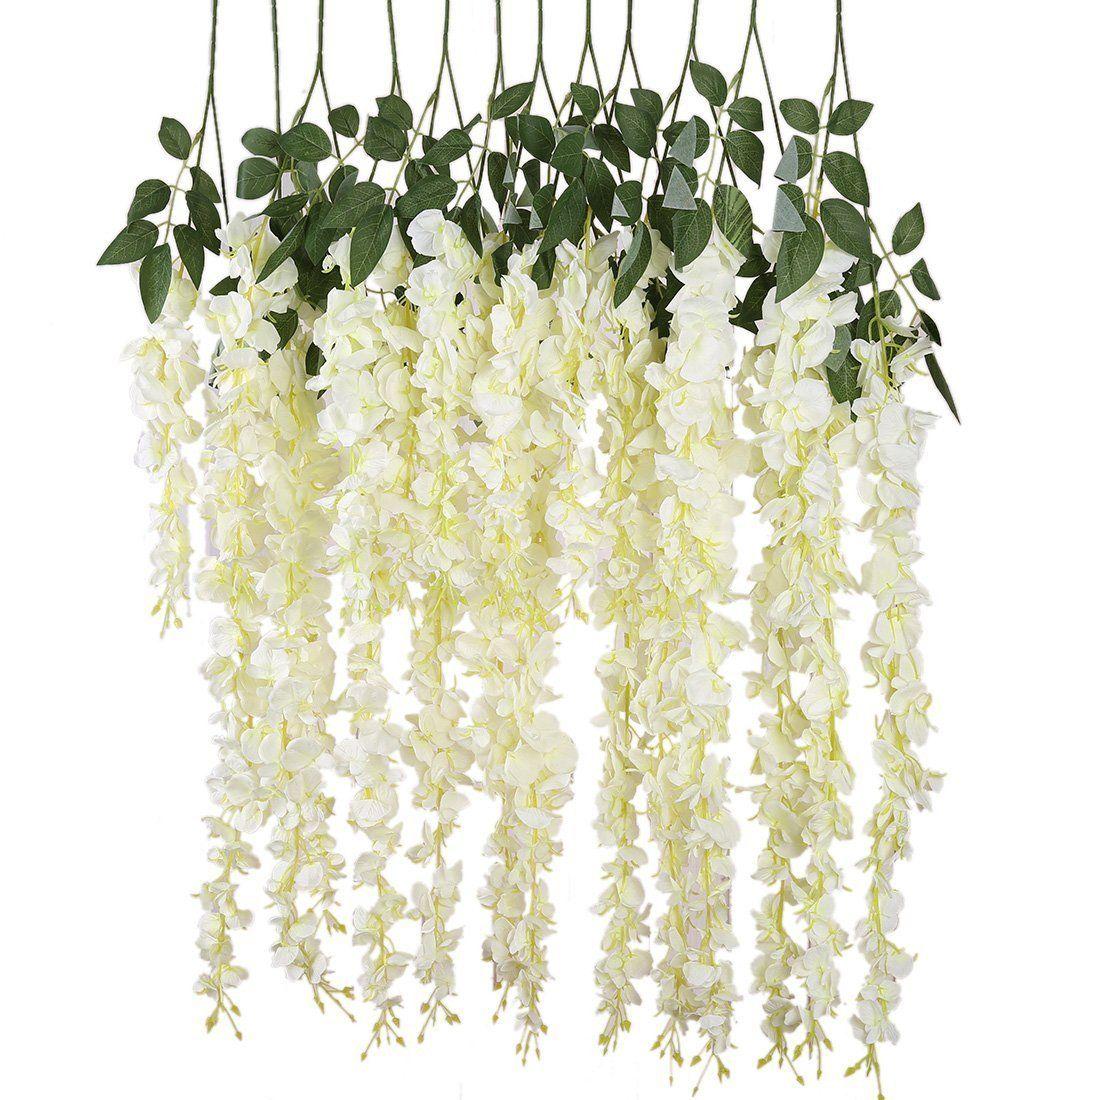 Fiori Di Ortensia Secchi us $9.82 48% di sconto|unomor 8 pcs glicine artificiale vite fiore di seta  ortensia rattan fai da te da sposa festa di compleanno della decorazione